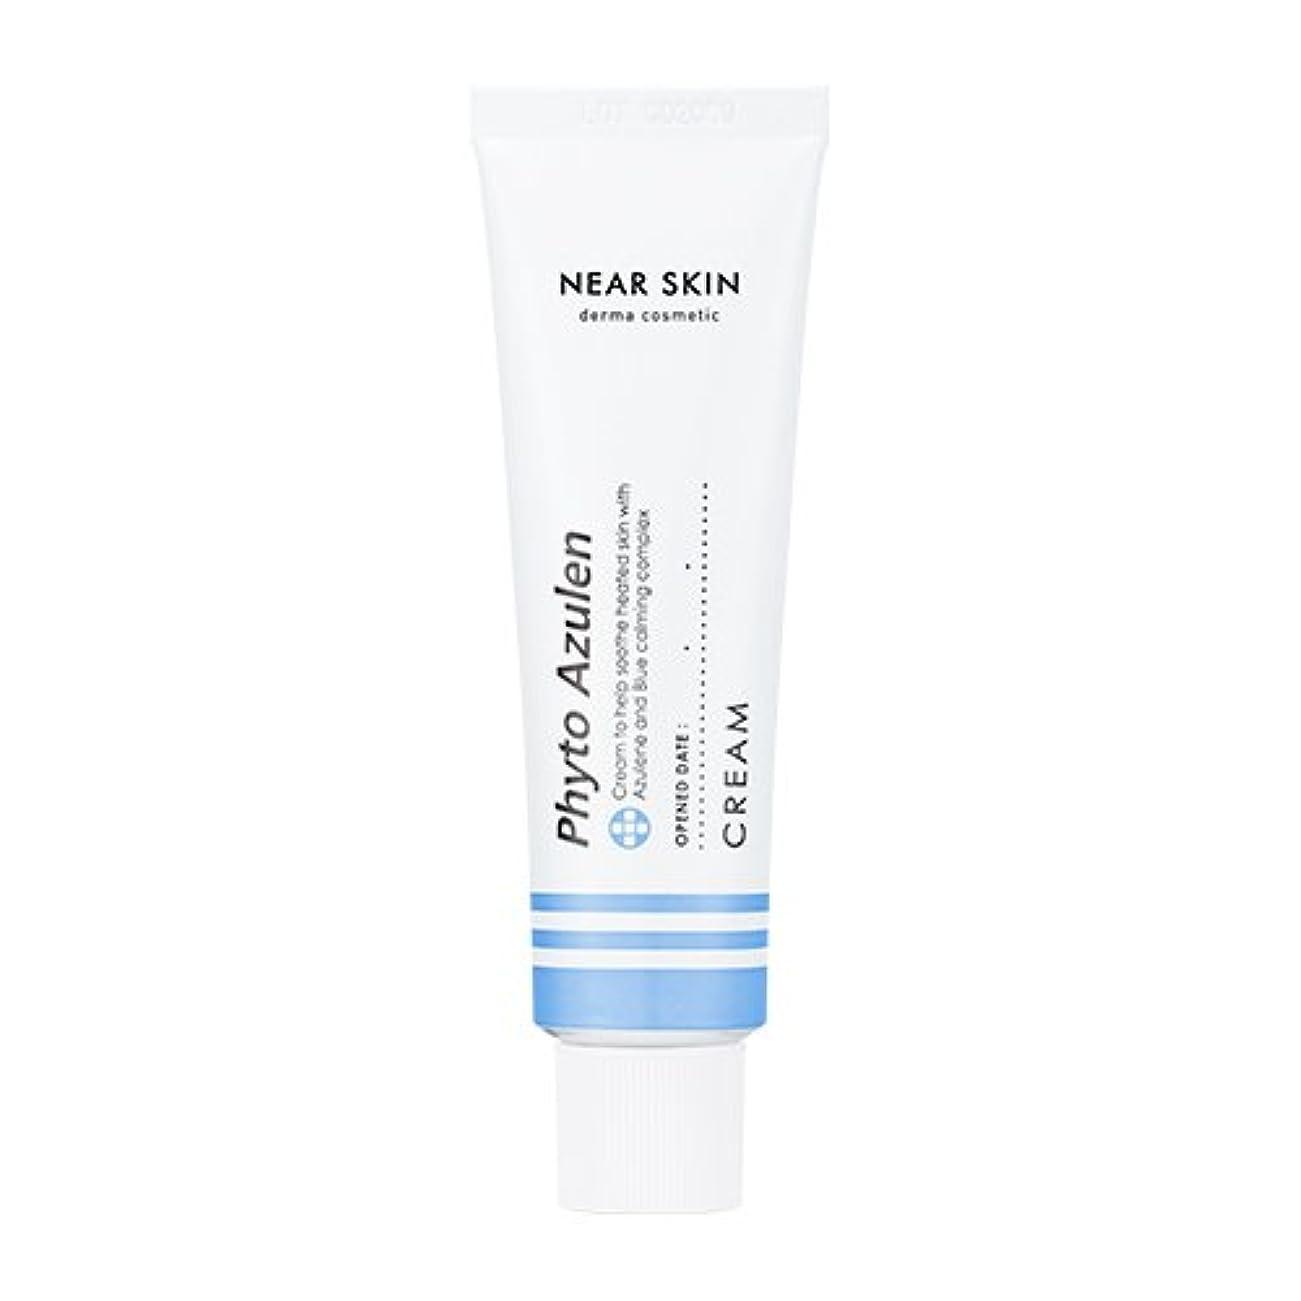 ソケットあごひげ再編成するMISSHA [NEAR SKIN] Phyto Azulen Cream/ミシャ ニアスキン フィトアズレンクリーム 50ml [並行輸入品]